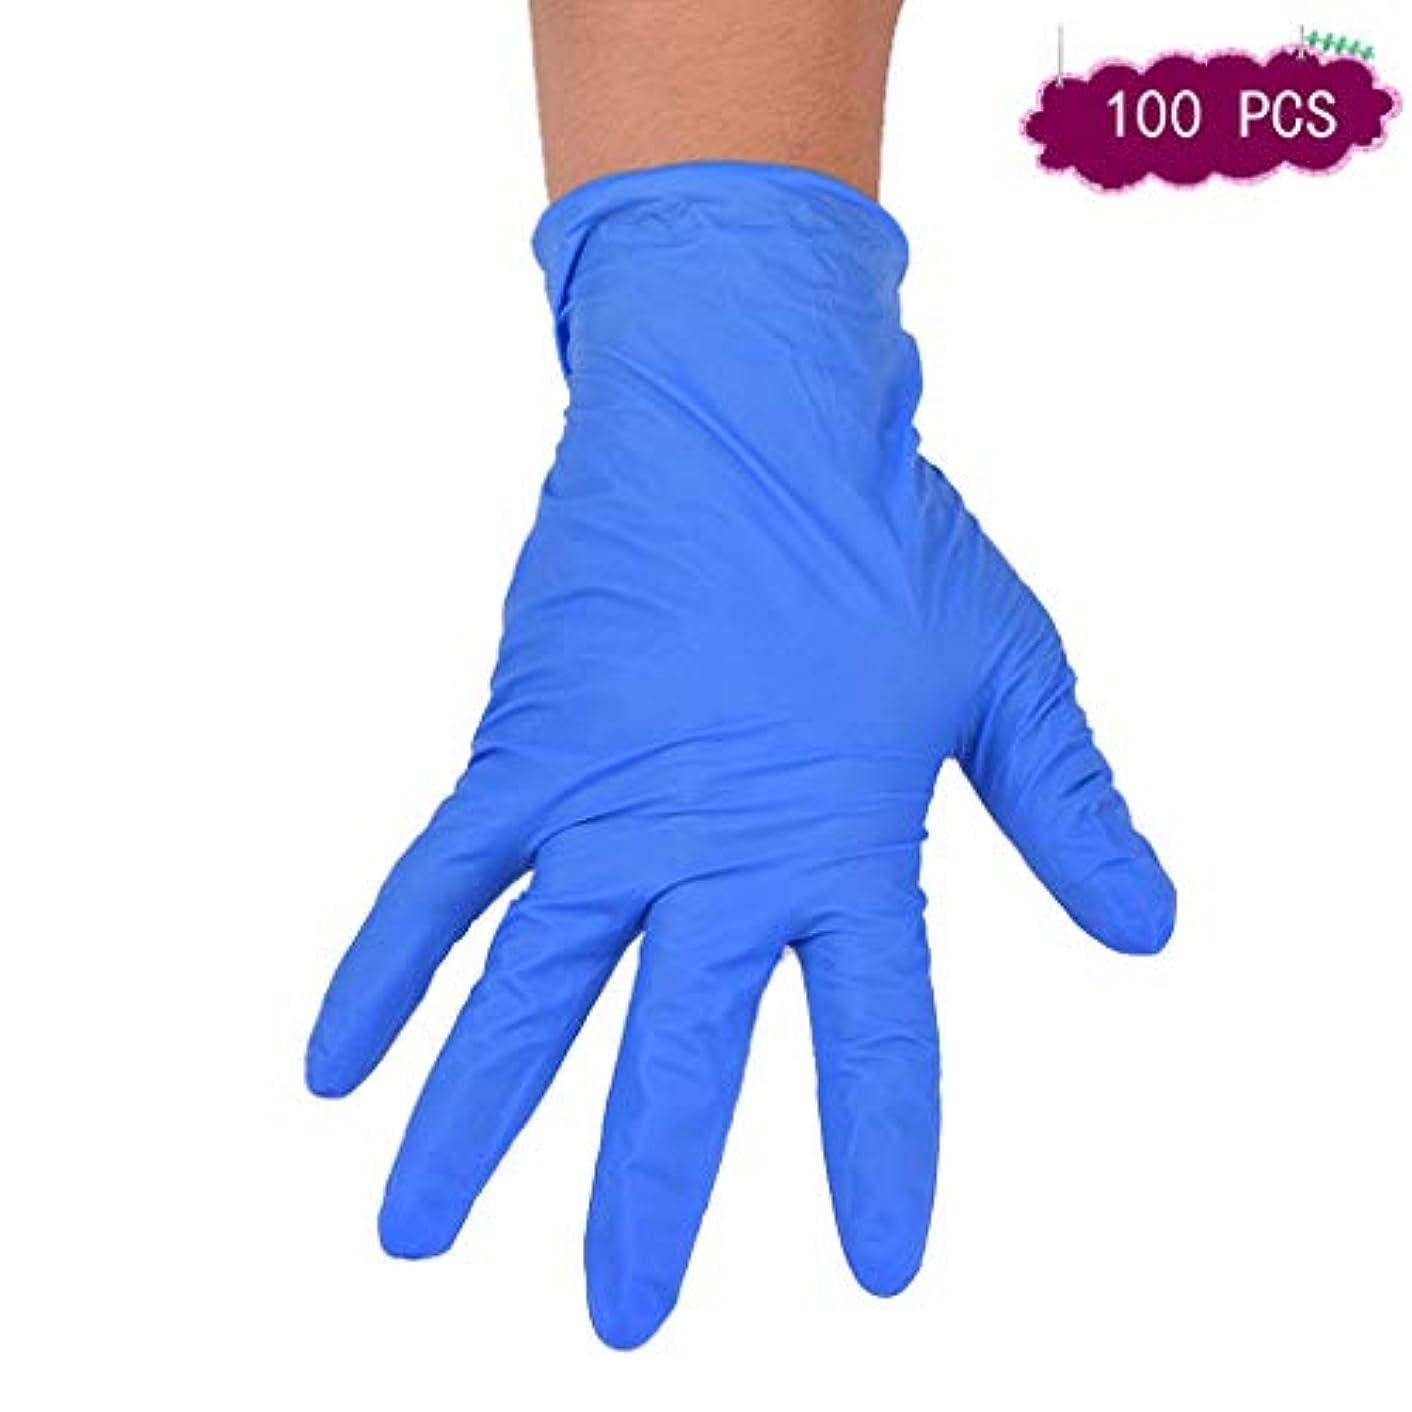 洞察力彼自身伝説使い捨てラテックス手袋ニトリルブルーパウダーフリー医療検査用手袋ゴム工業家庭用9インチアンチ油 (Color : 9 inch, Size : M)